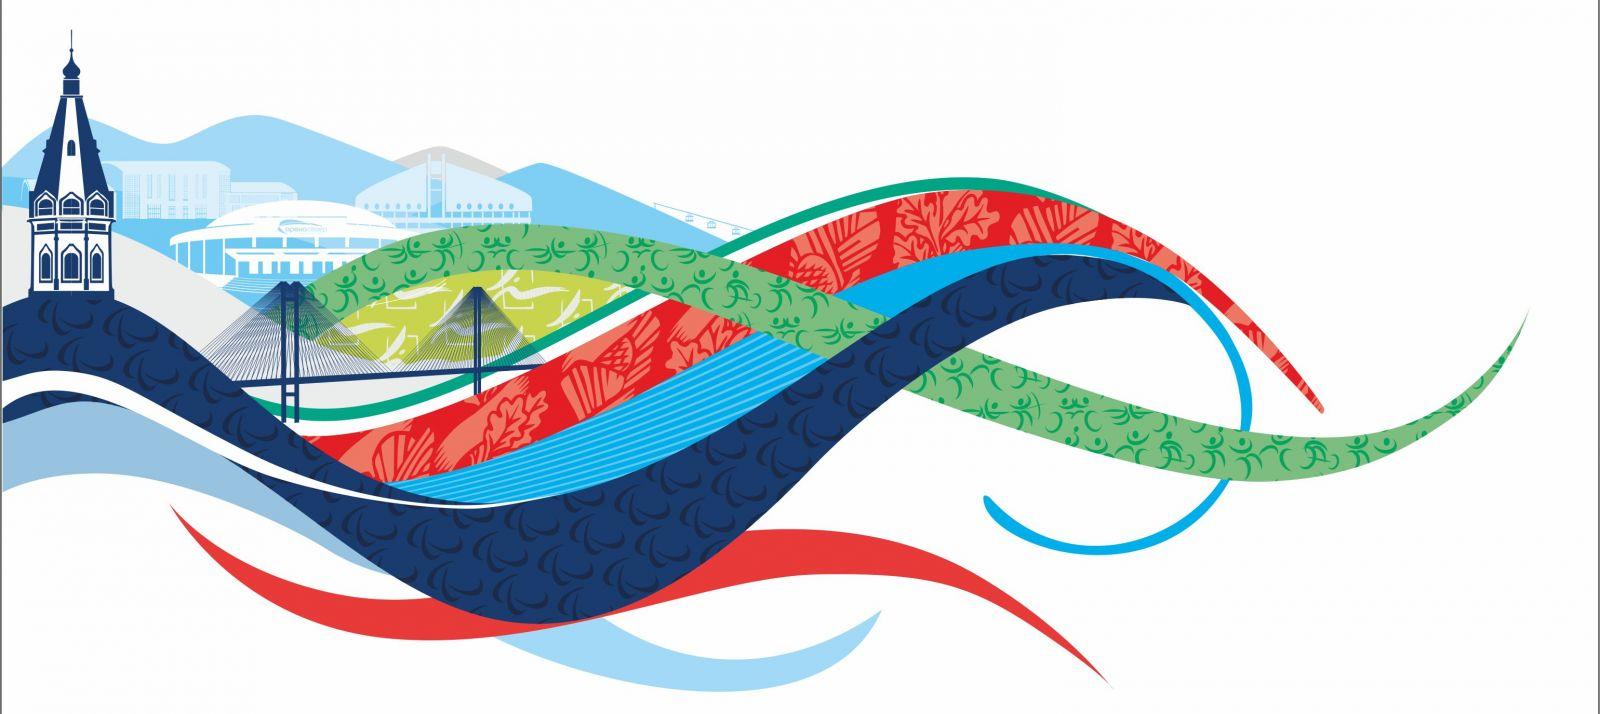 4-5 декабря 2018 года в г. Красноярске ПКР совместно с Минспортом Красноярского края и Региональным центром спортивной подготовки по адаптивным видам спорта Красноярского края проводят Всероссийский форум по развитию паралимпийского движения в России